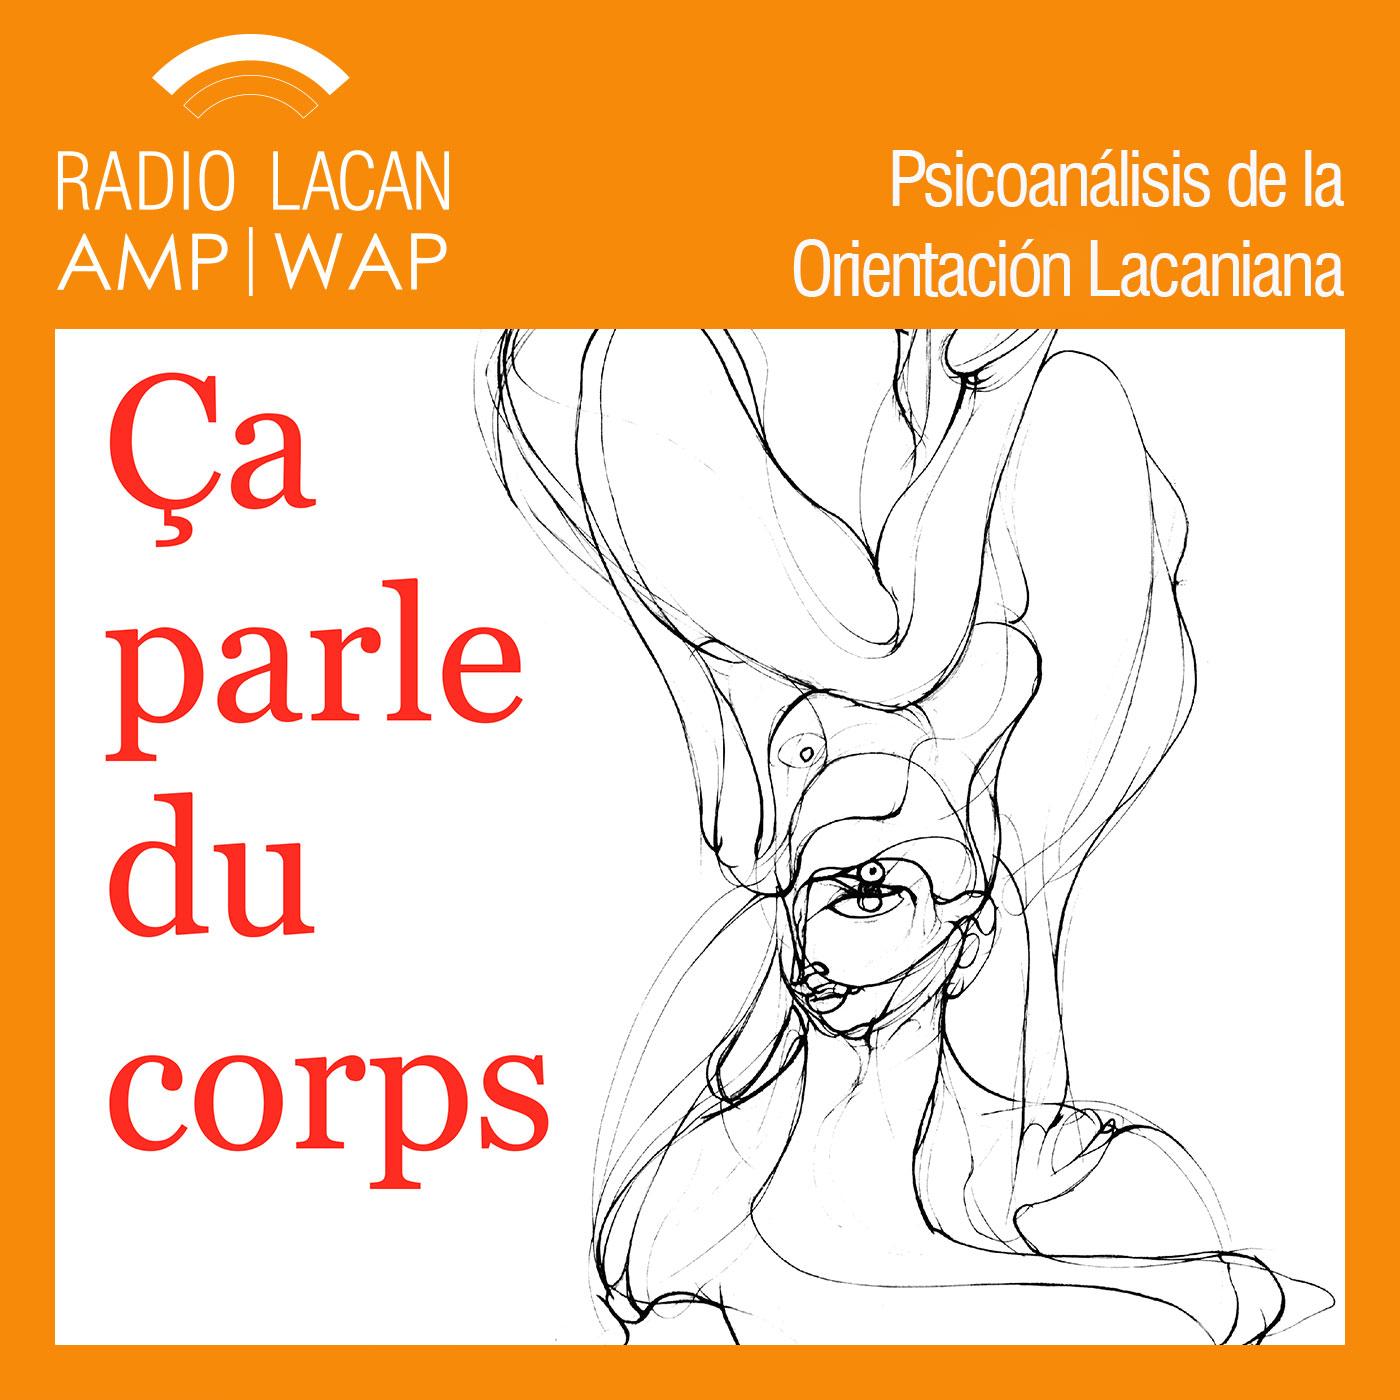 RadioLacan.com | <![CDATA[Jornada 2015 del CPCT-Paris]]>